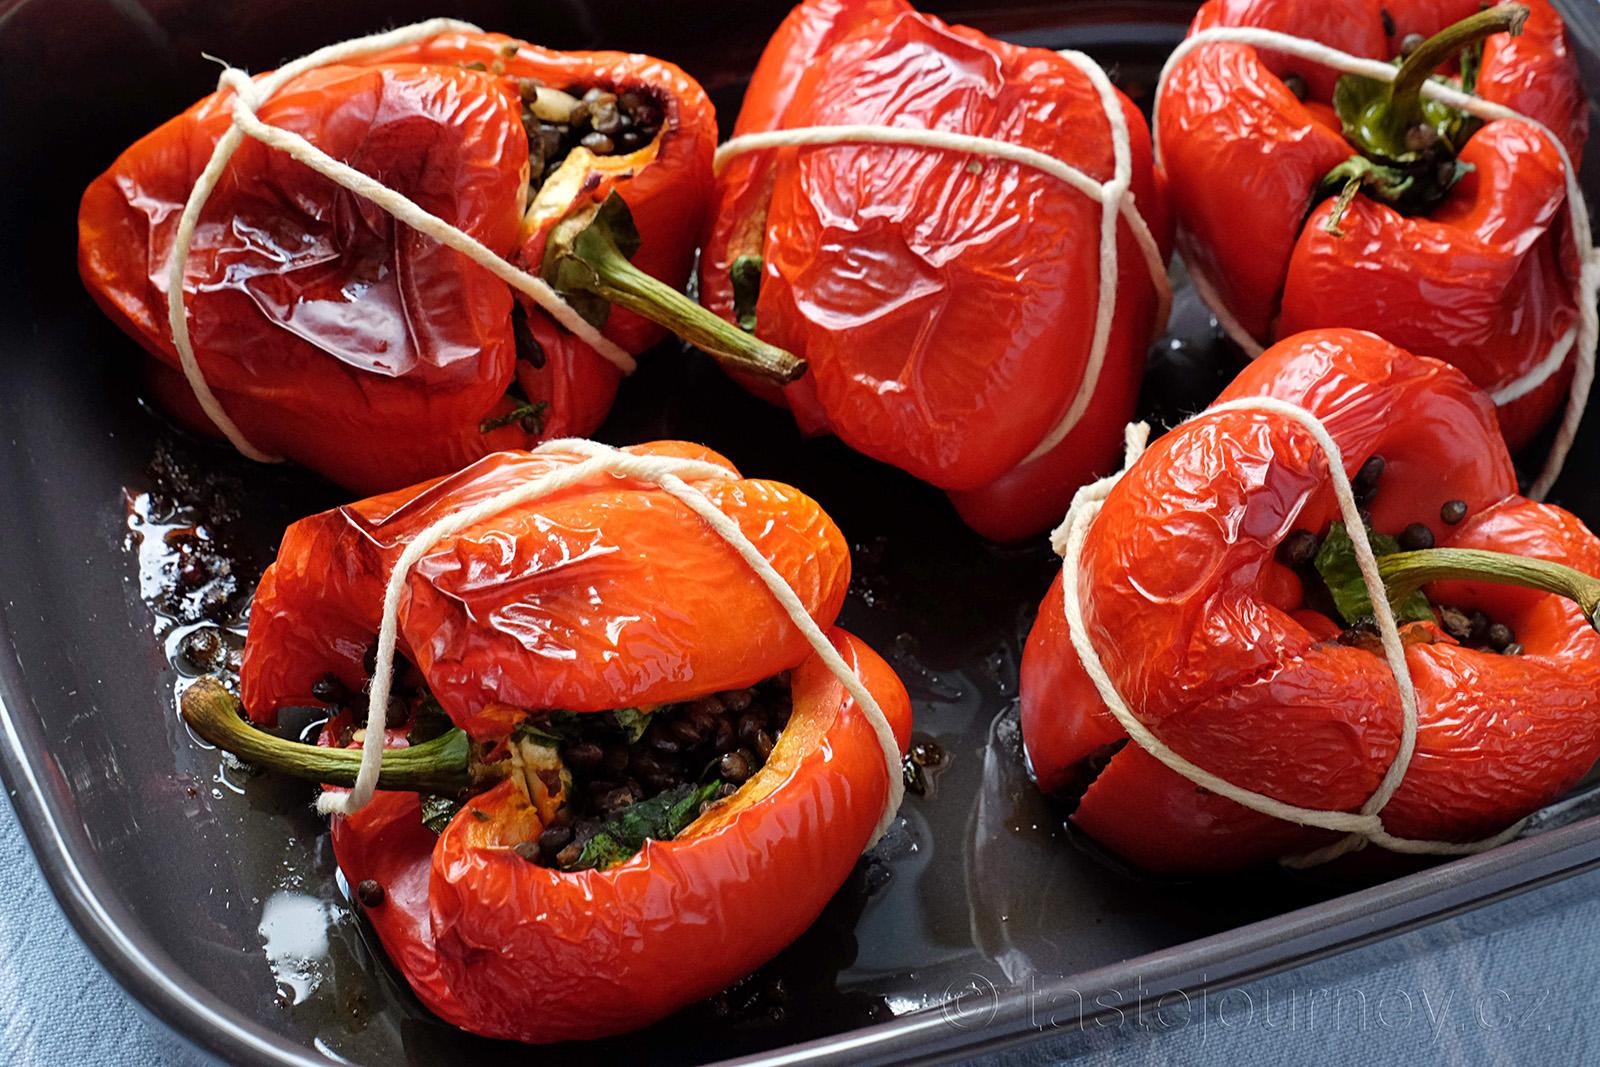 Sladký obal, orientální chuť uvnitř, to jsou zapečené papriky s čočkou a špenátem